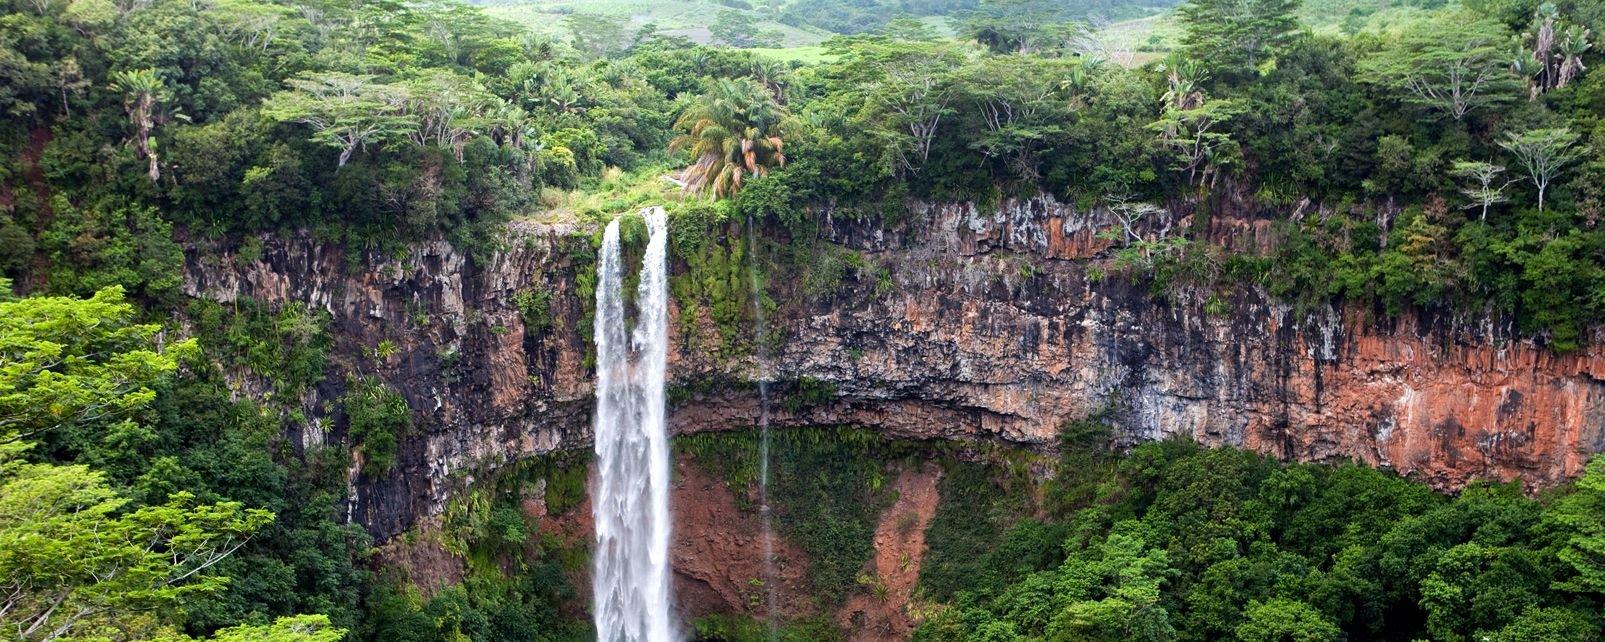 Las tierras de Chamarel, Las tierras de colores, Los paisajes, Flic En Flac, Isla Mauricio